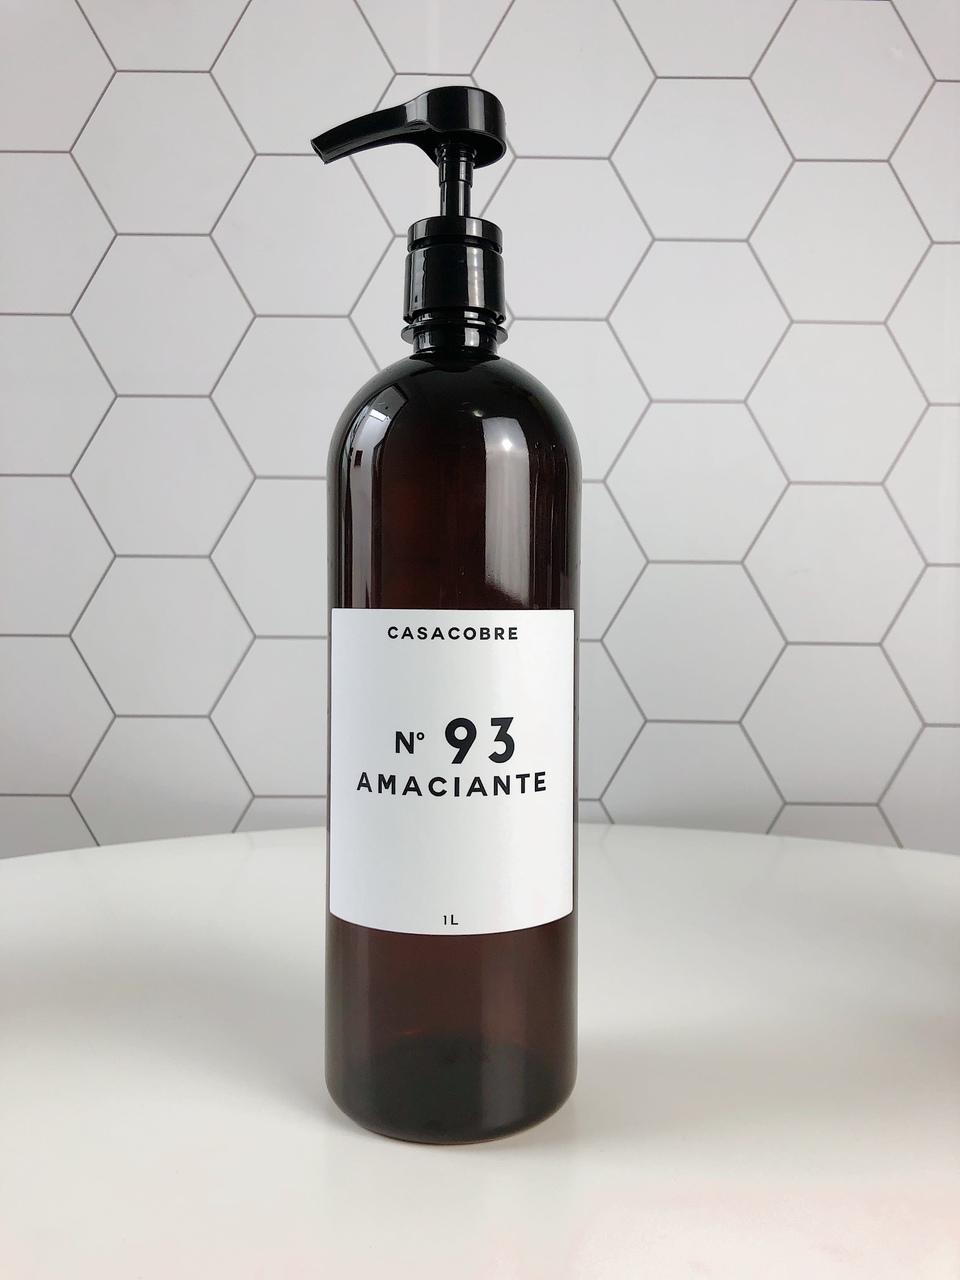 Frasco Pet Âmbar Lavanderia 1L - Amaciante  - CASACOBRE